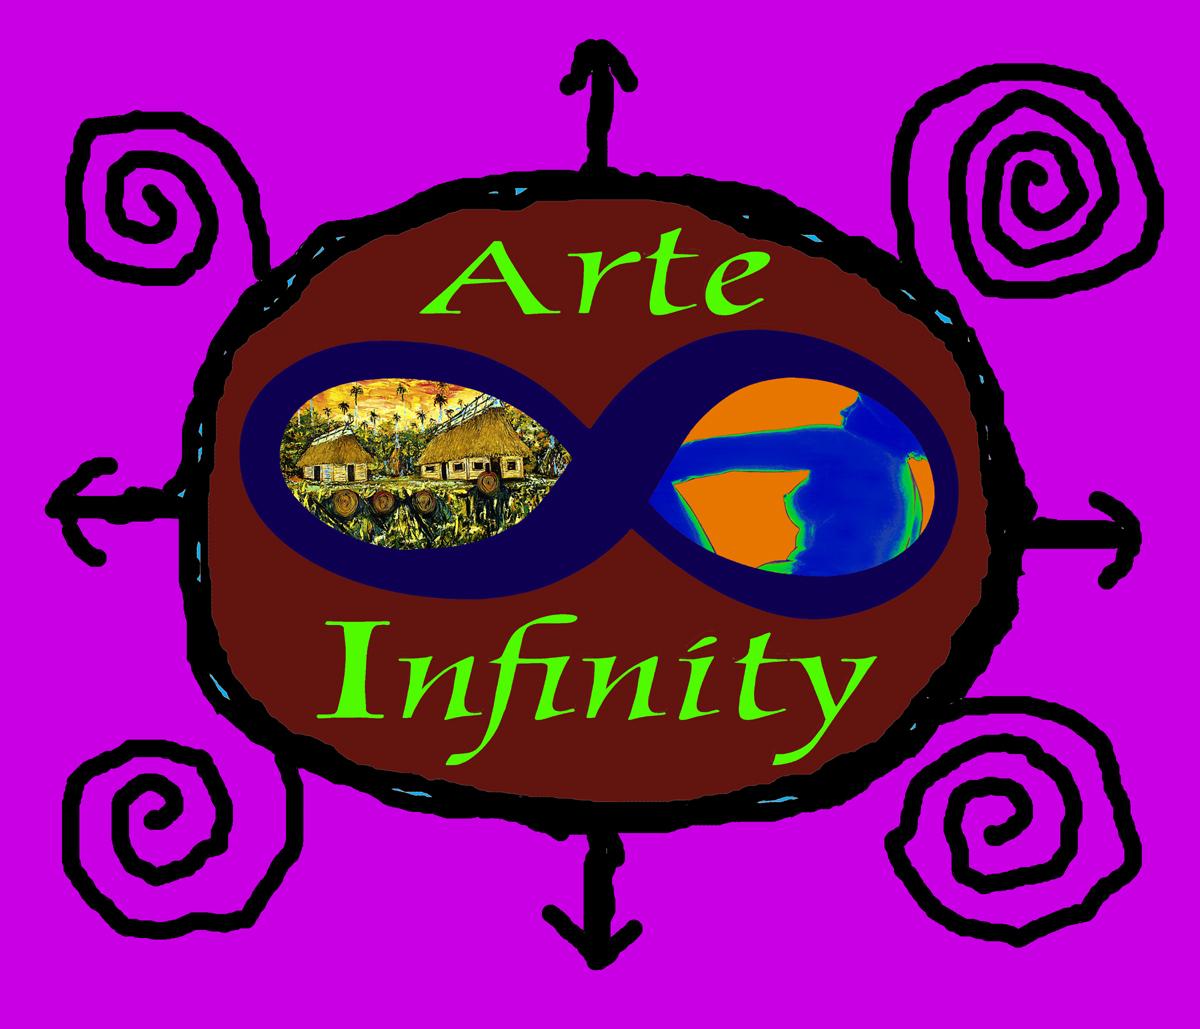 LOGO de la Galería de Arte Infinity, realizado por Ignacio Pérez Vázquez.